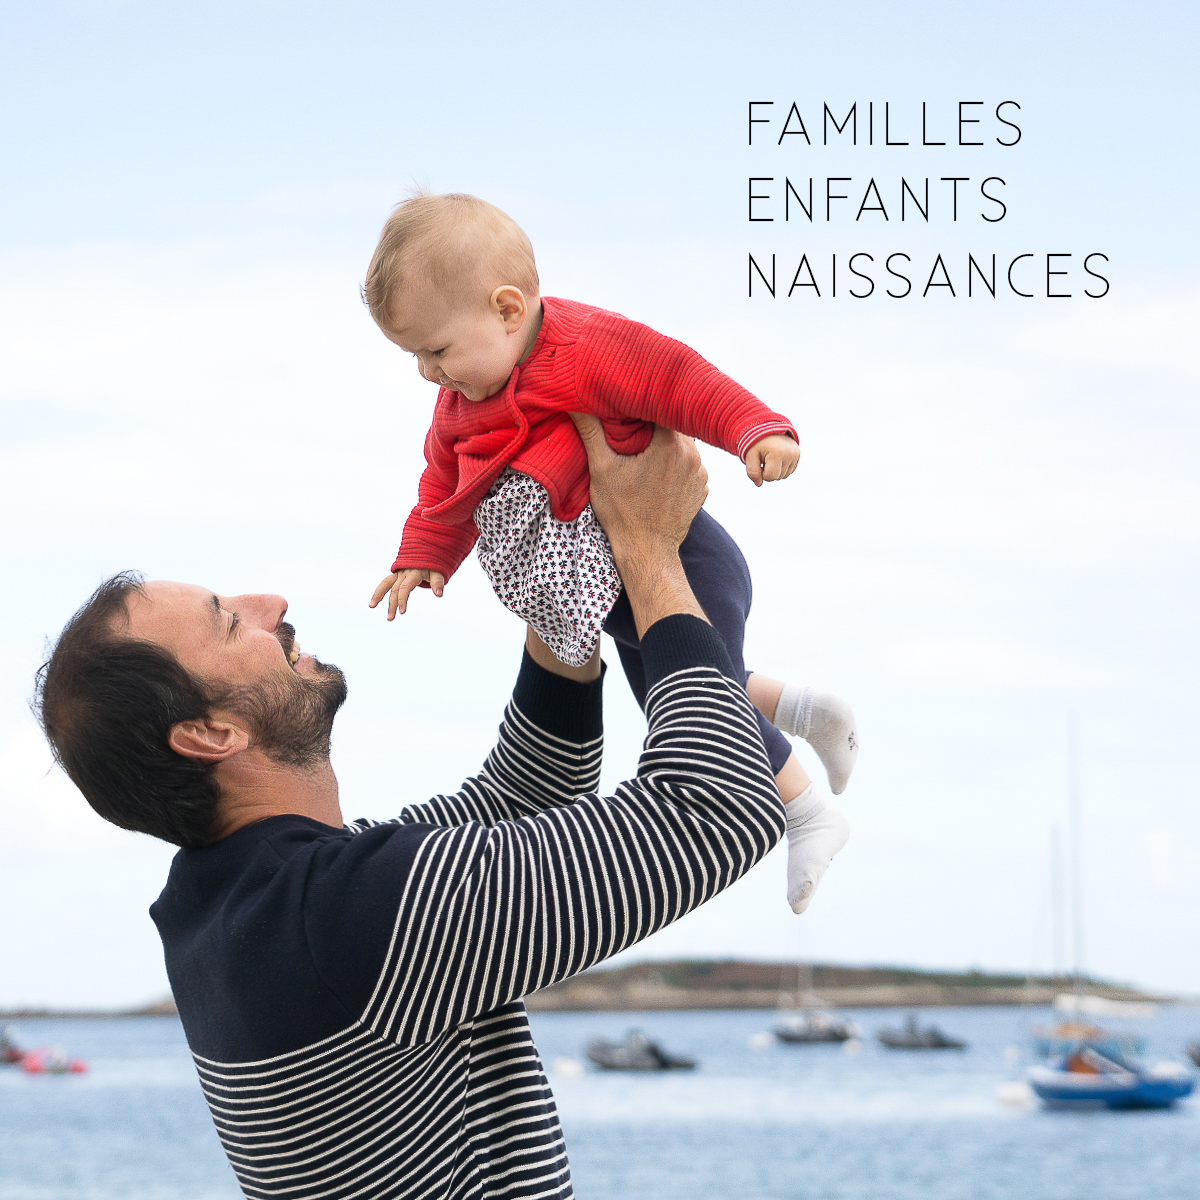 Photo portrait femme homme couple famille enfant naissance - Elise Fournier Photographe - Nantes et Bretagne